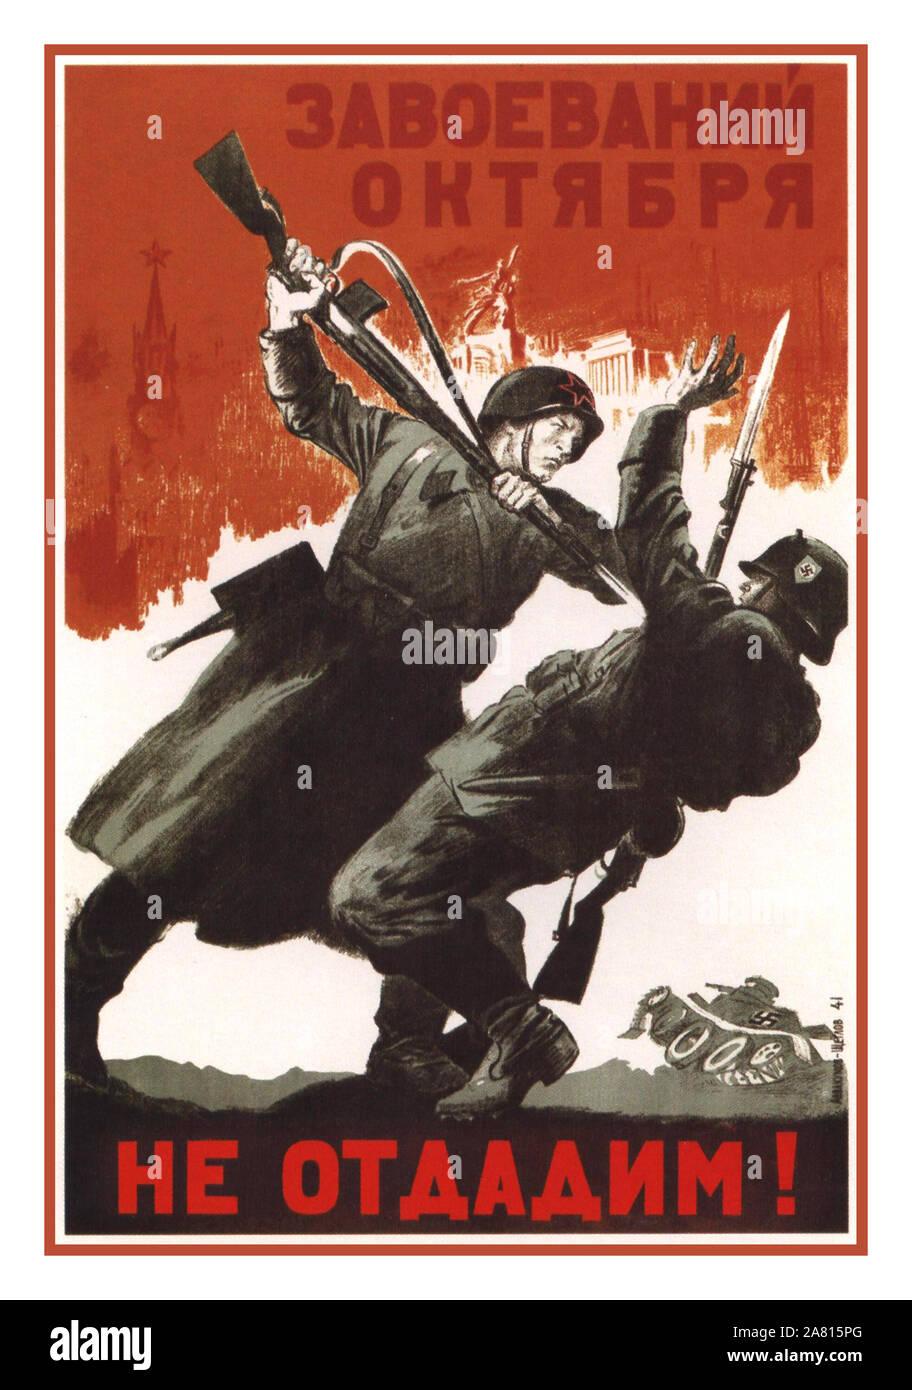 Will Replace WW2 Russian Soviet Propaganda Poster USSR Military War WWII 1941